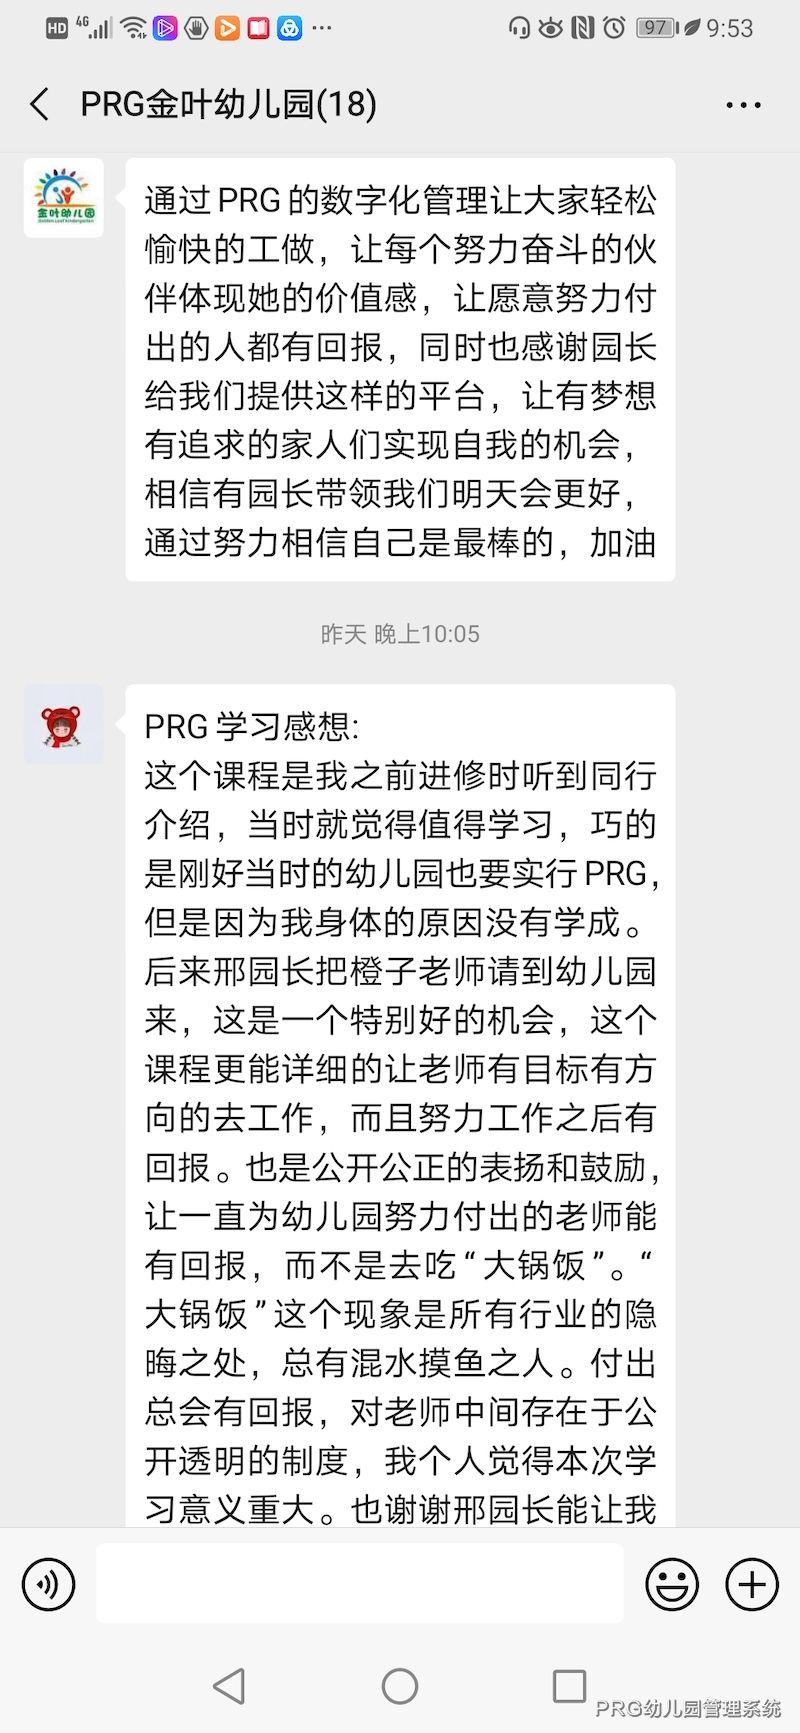 阜阳市金叶幼儿园PRG<a href=https://www.xiaoxianprg.com/ target=_blank class=infotextkey>幼儿园管理系统</a>学习感言分享1